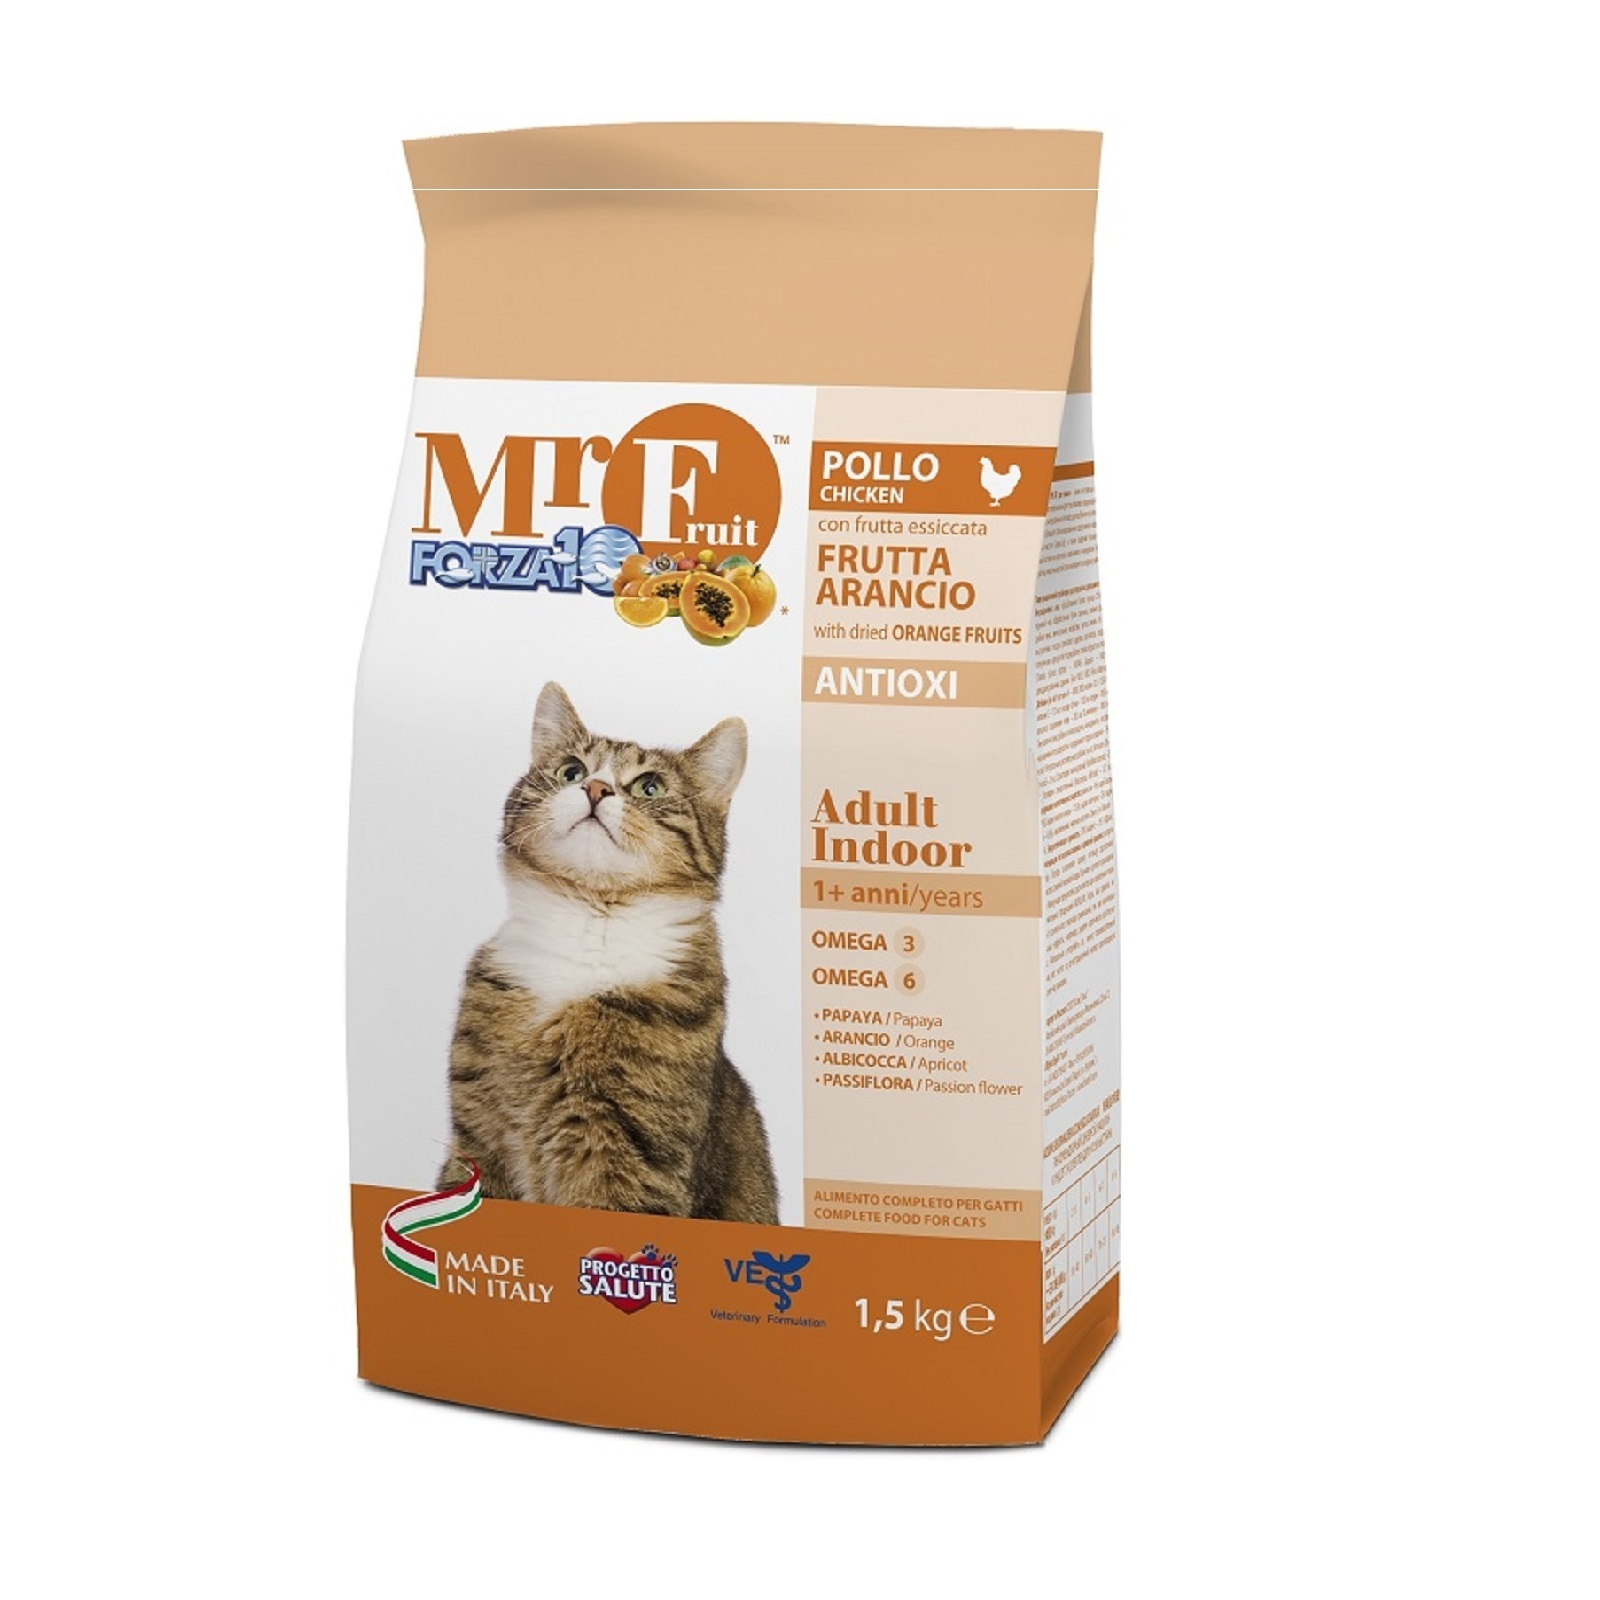 купить Forza10 Mr. Fruit Adult Indoor сухой корм для взрослых домашних кошек с экстрактом оранжевых фруктов